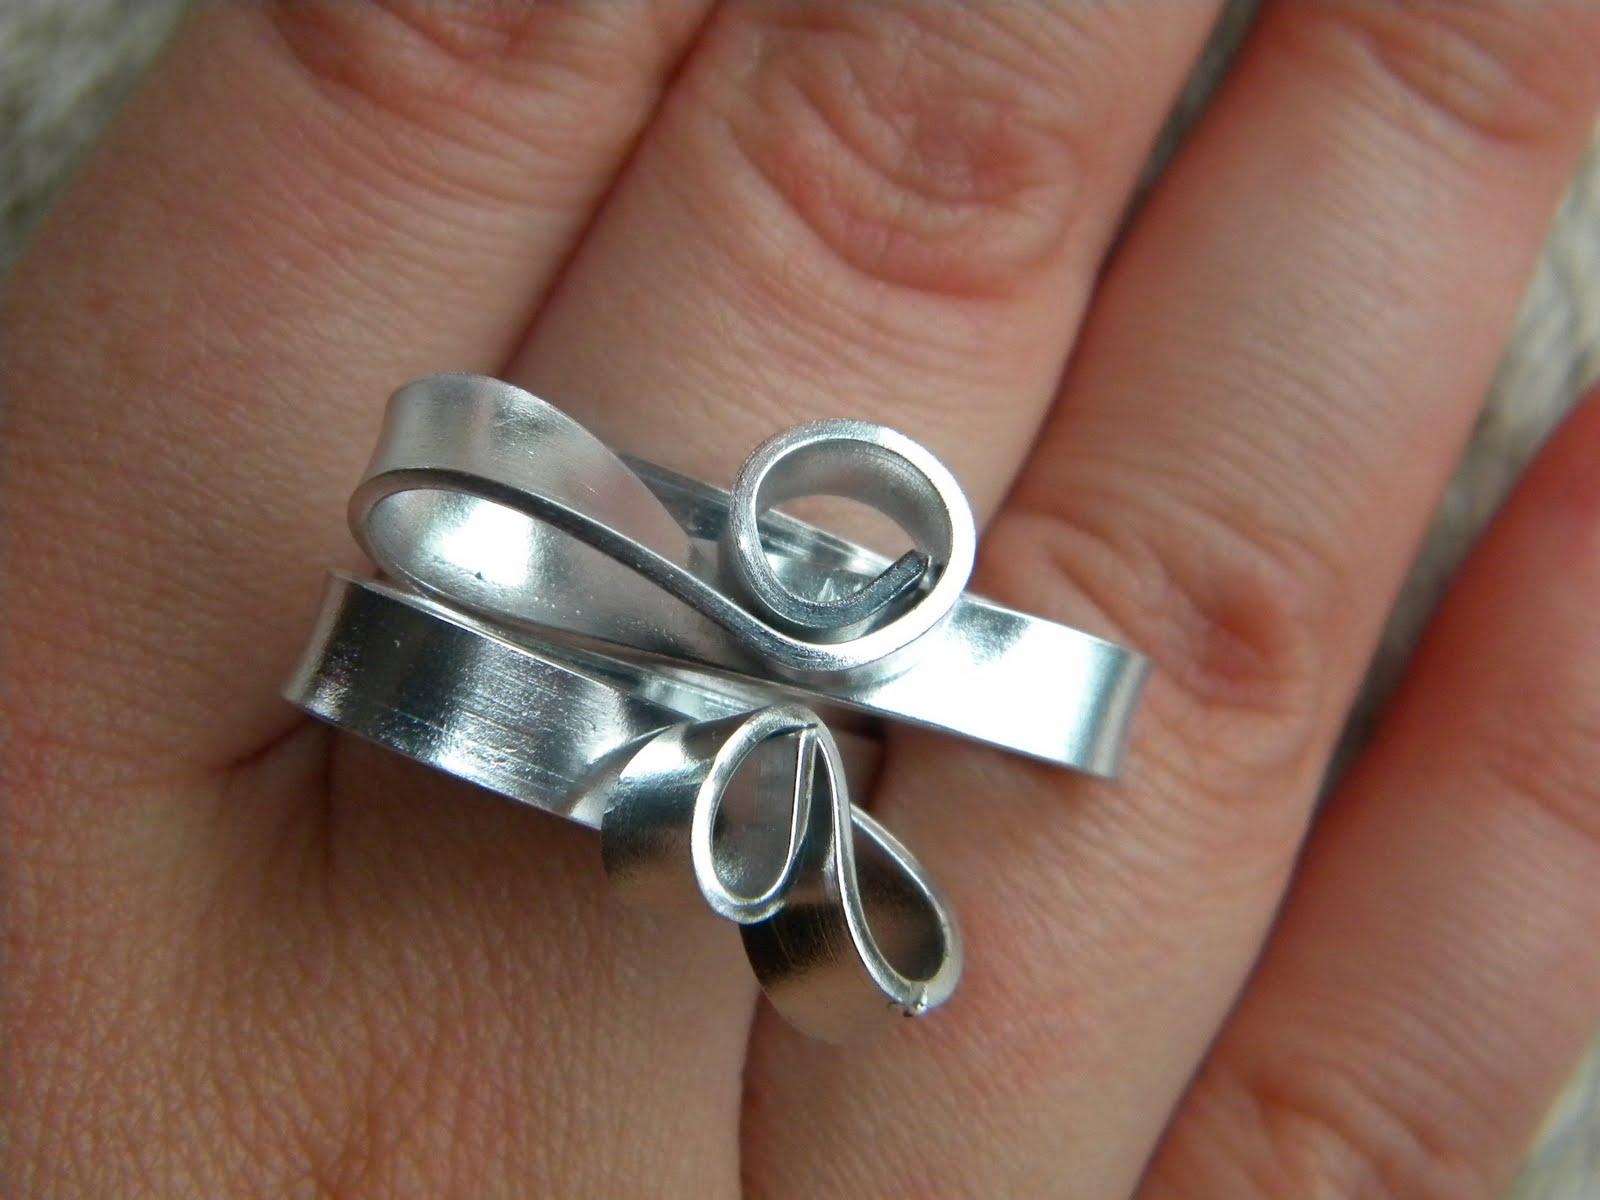 bijoux en fil d 39 aluminium bagues boucles d 39 oreilles colliers bracelets fait main bague akron. Black Bedroom Furniture Sets. Home Design Ideas